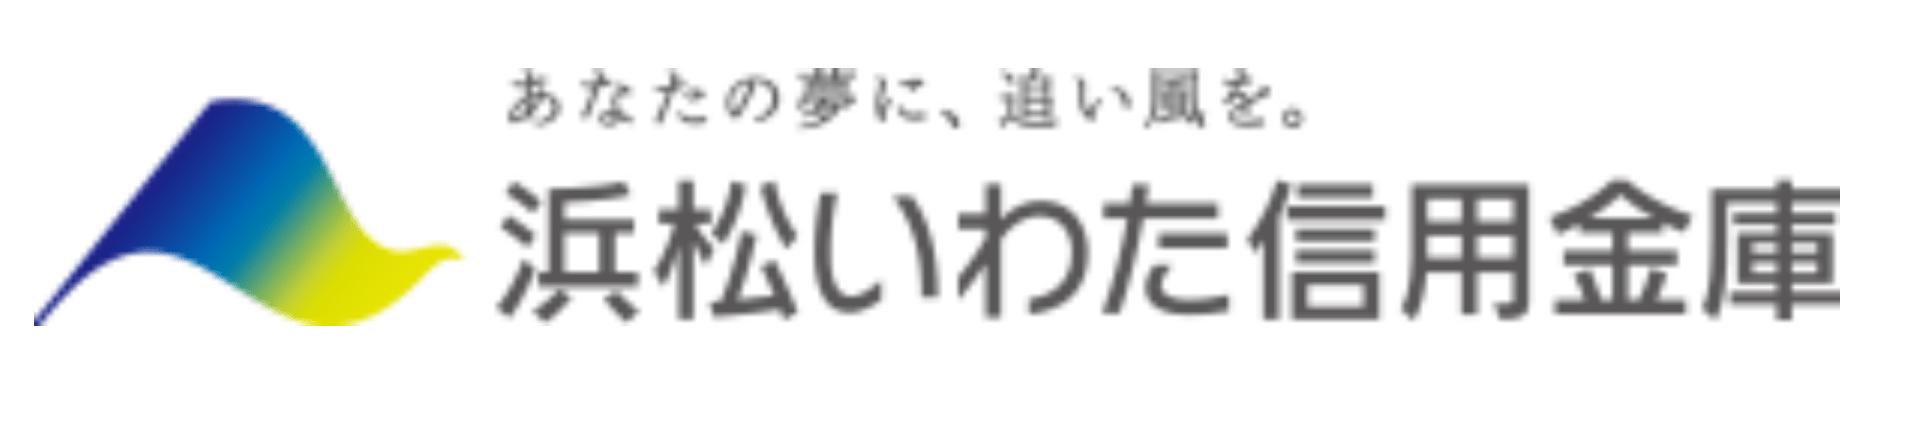 浜松いわた信用金庫の年末年始の営業日や営業時間・ATM手数料